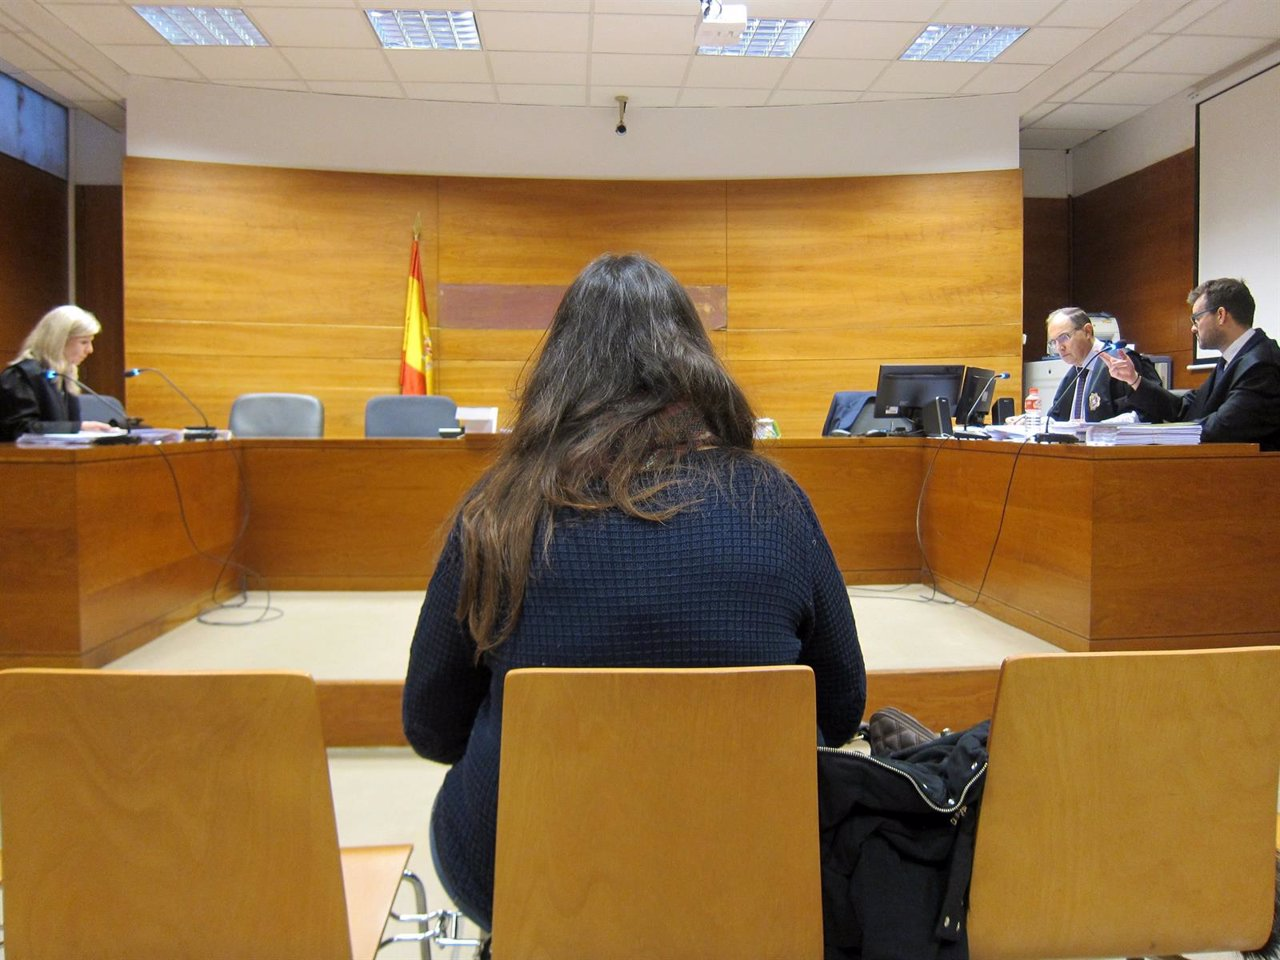 La acusada, durante el juicio celebrado contra ella.